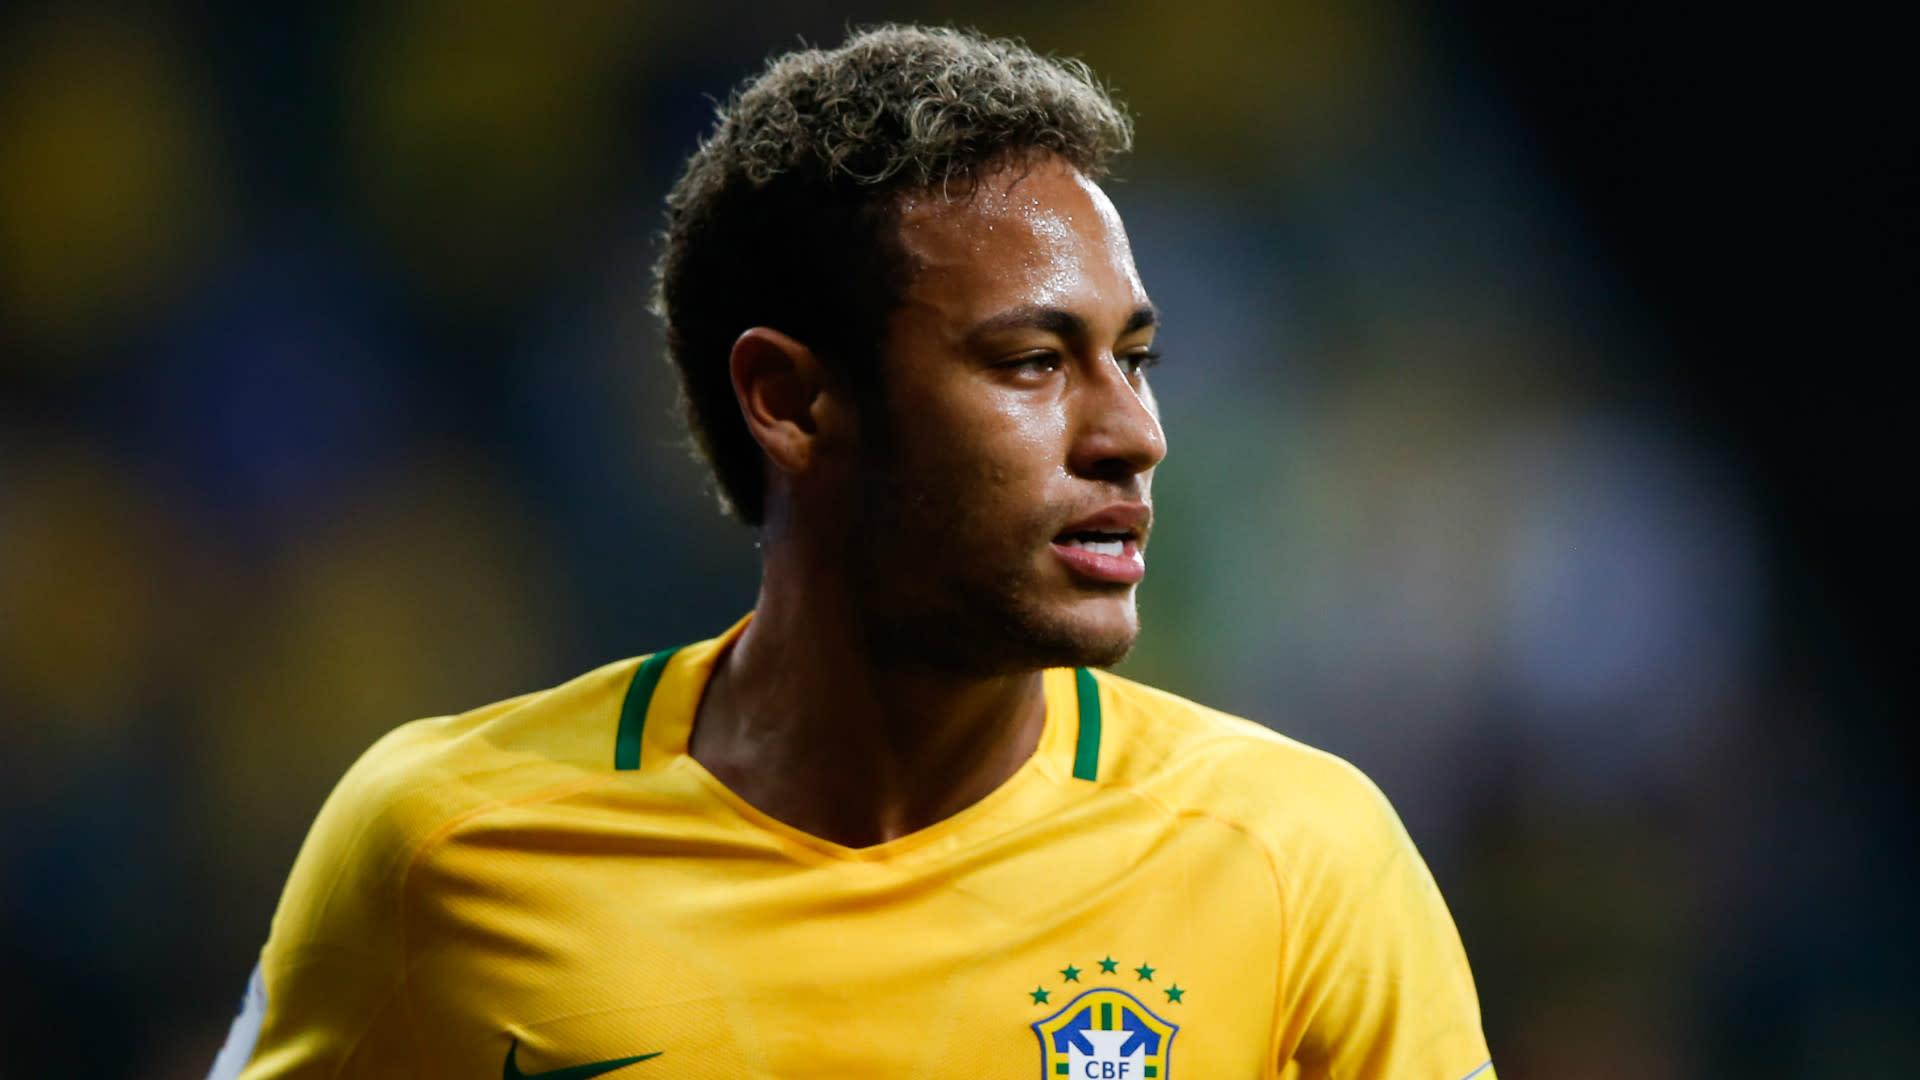 Sie sucht ihn brasilien